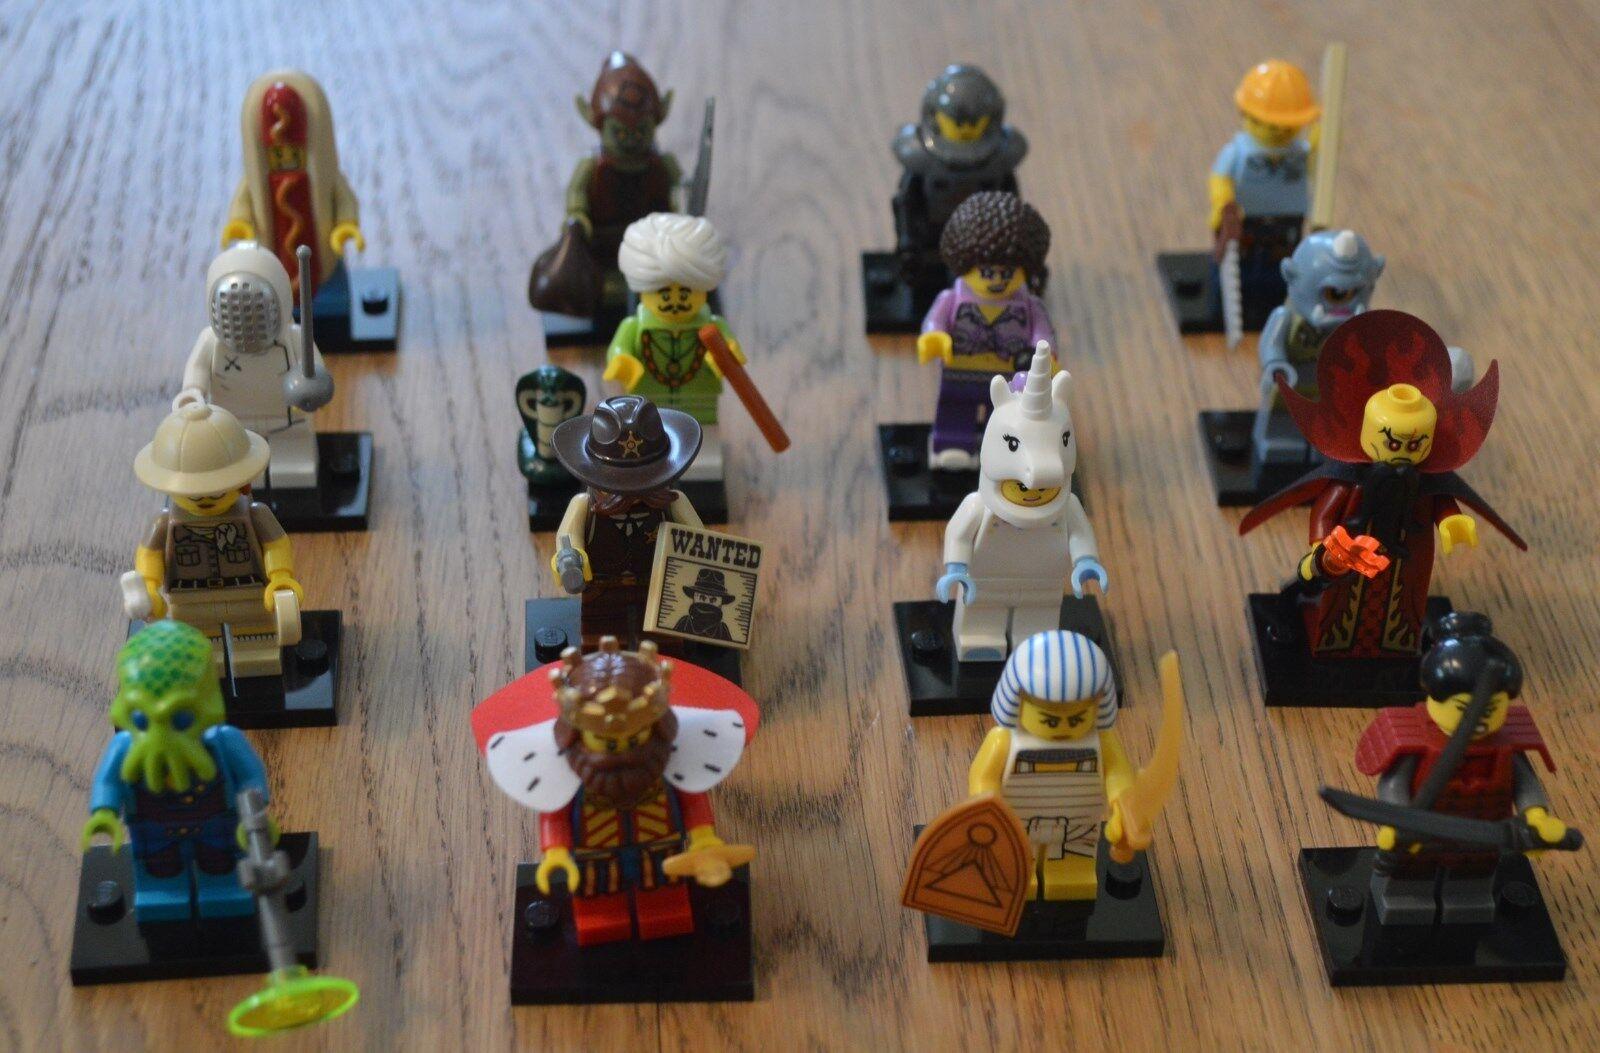 LEGO ® 71008 Minifiguren Minifiguren Minifiguren Minifigures Série 13 tous les 16 personnages complet-Neuf c77a6b